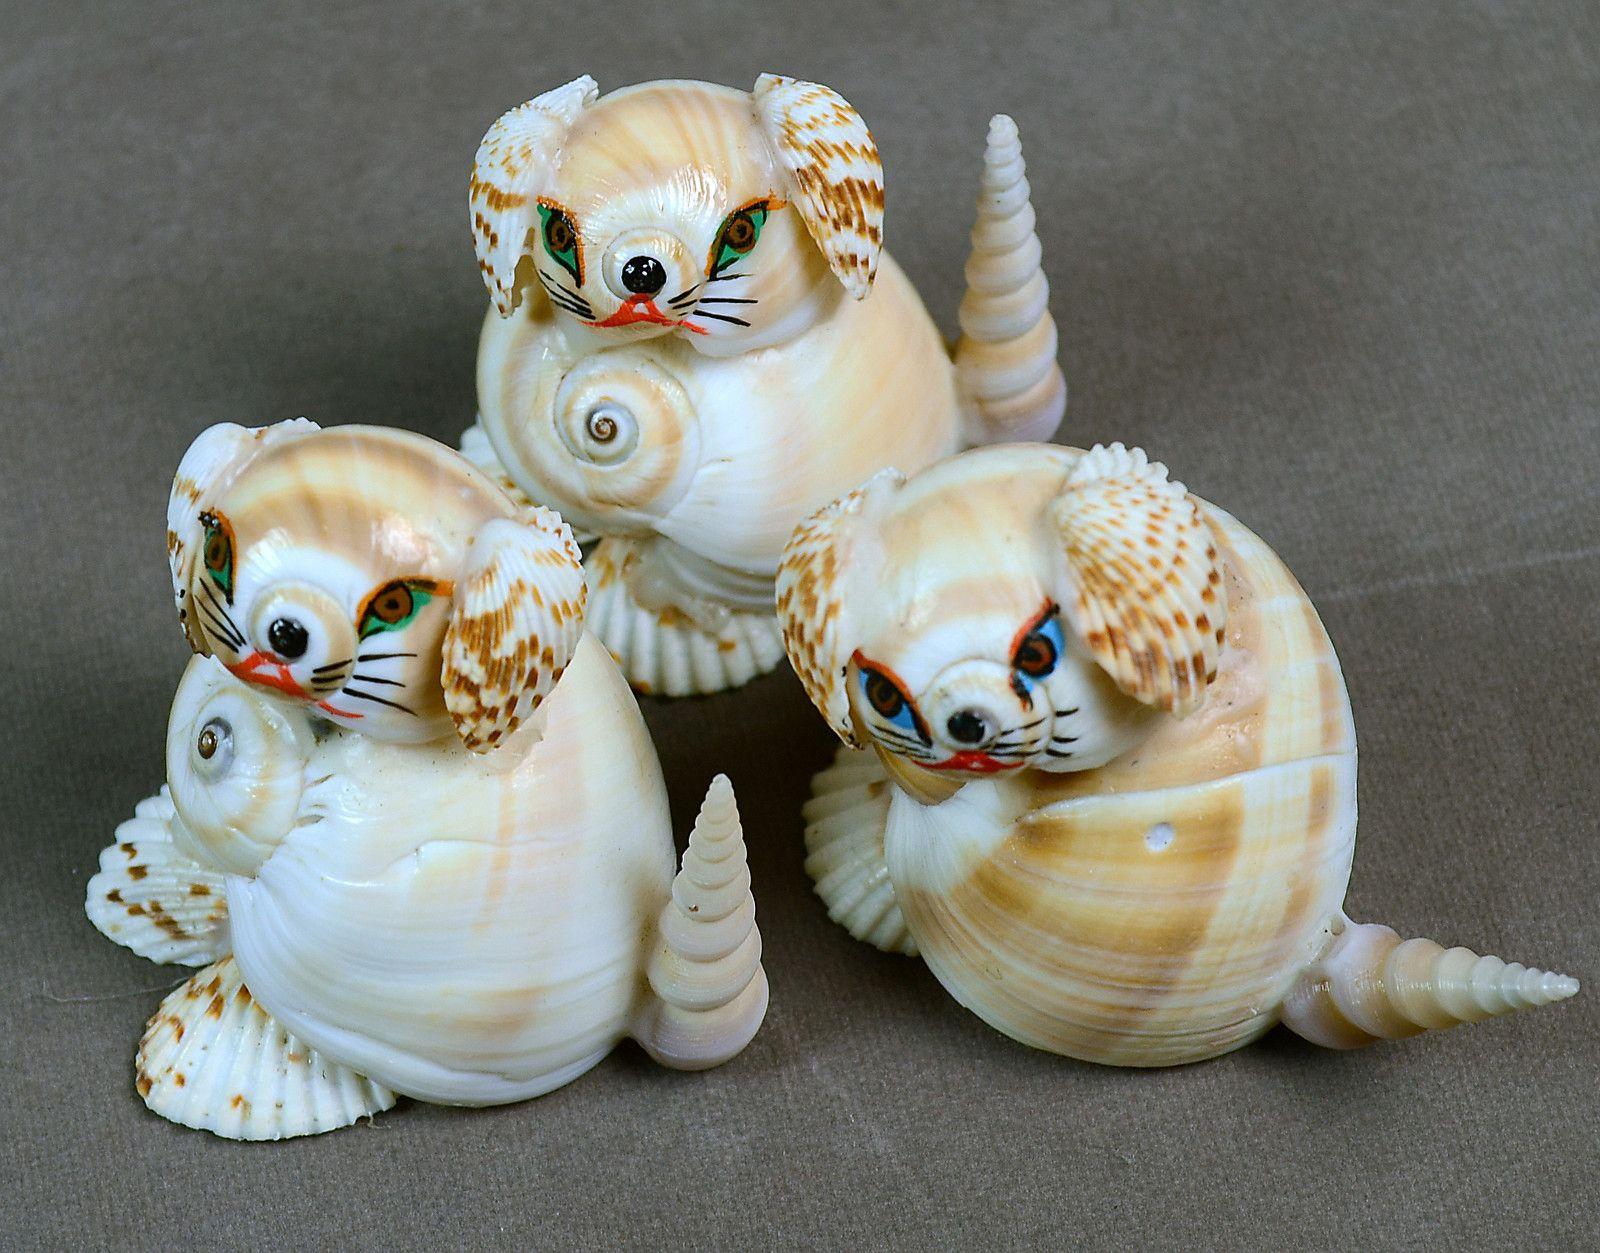 Seashell ship figure photo